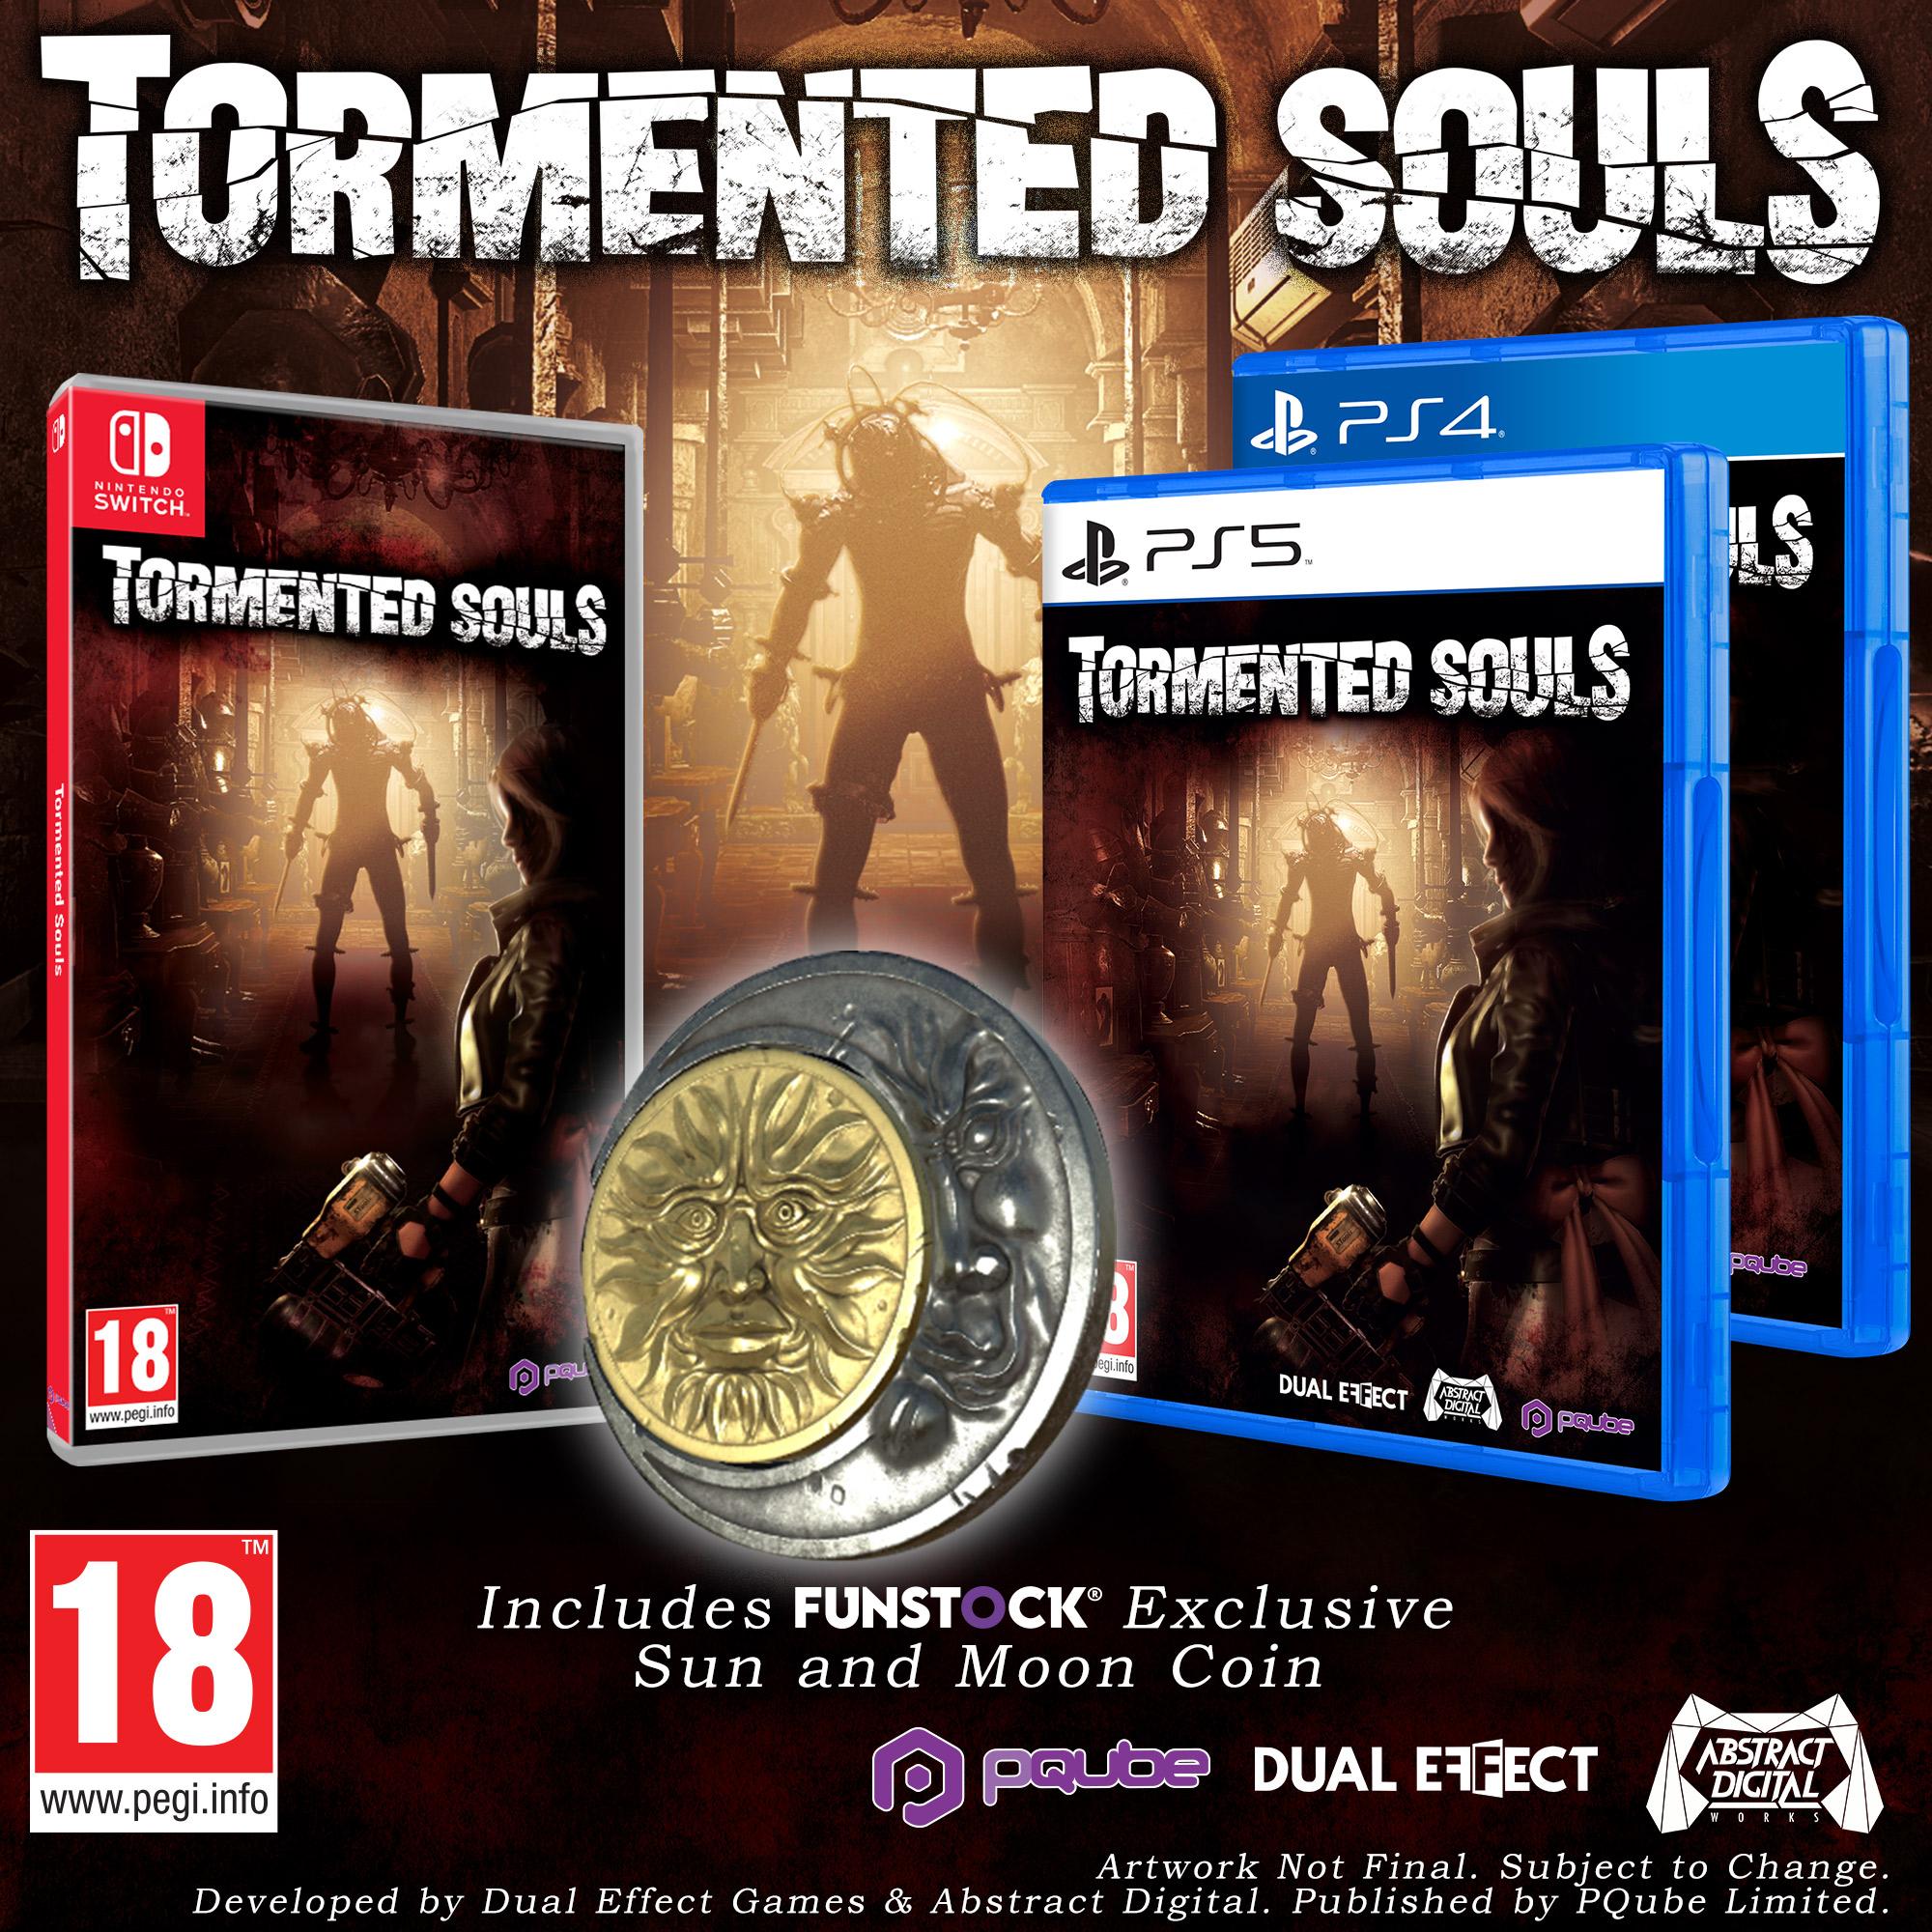 Tormented Souls Funstock Esclusiva Edizione Limitata